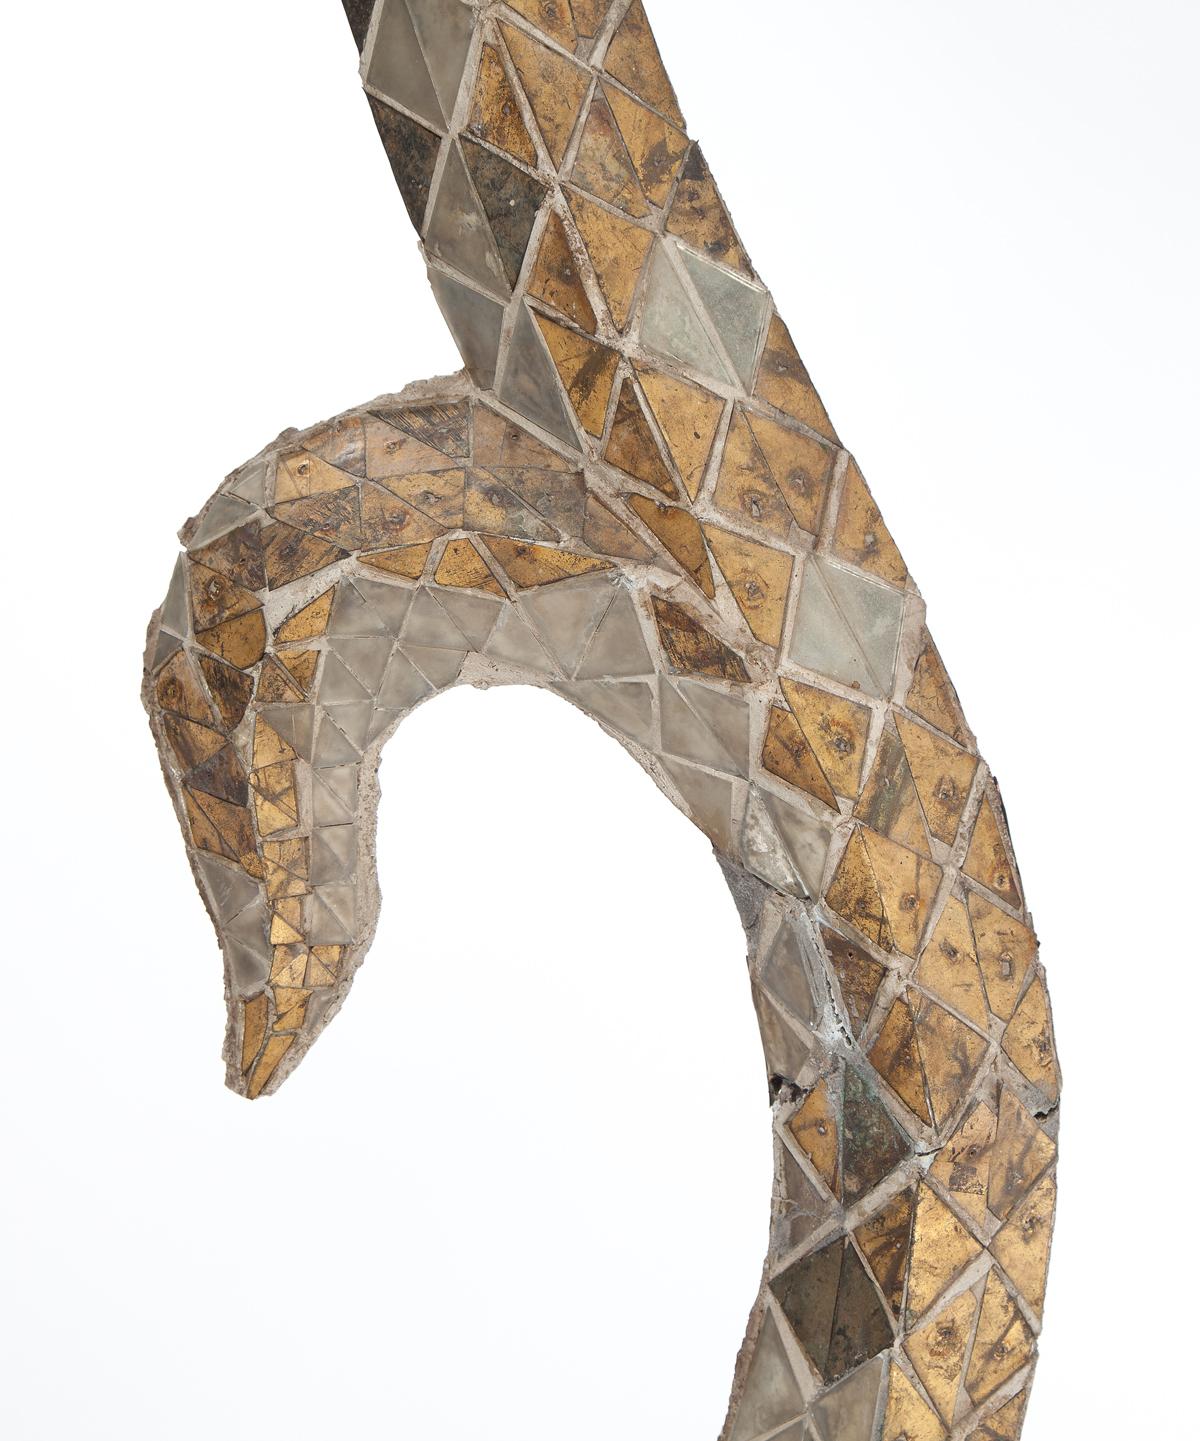 Temple Eave Sculptures